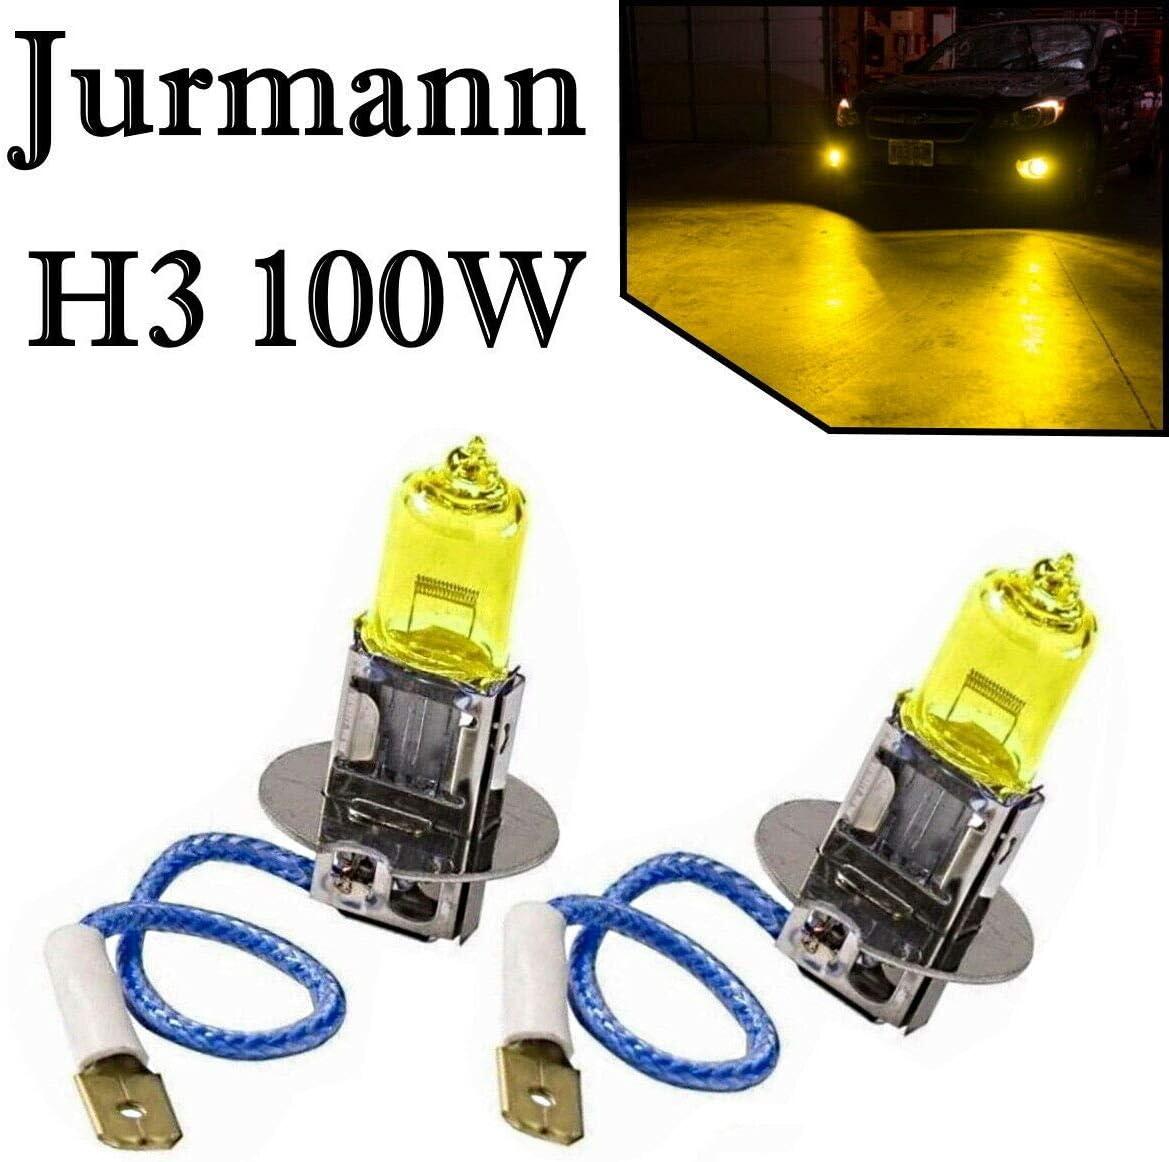 2x H3 100w 12v Aqua Vision Gelb Yellow Quarz Halogen Lampen Auto